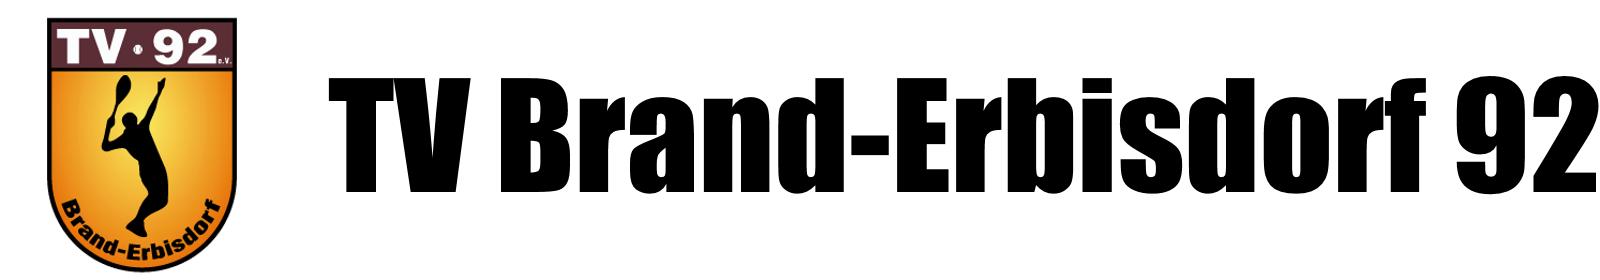 TV Brand-Erbisdorf 92